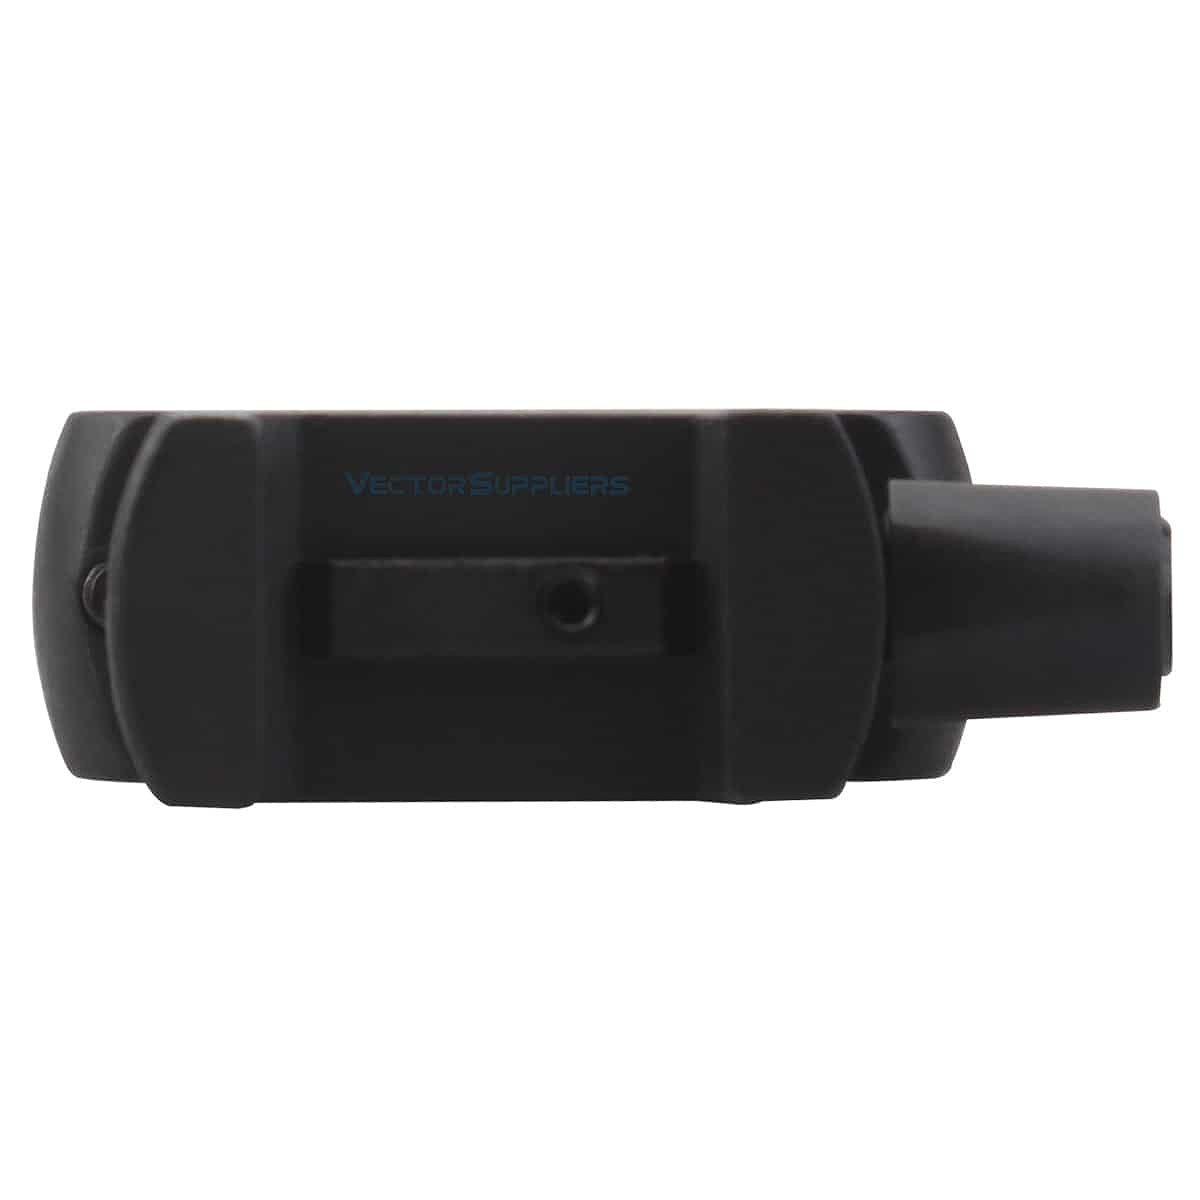 ベクターオプティクス スコープマウント 25.4mm 1″ Steel HighWeaver Rings  Vector Optics SCSR-03